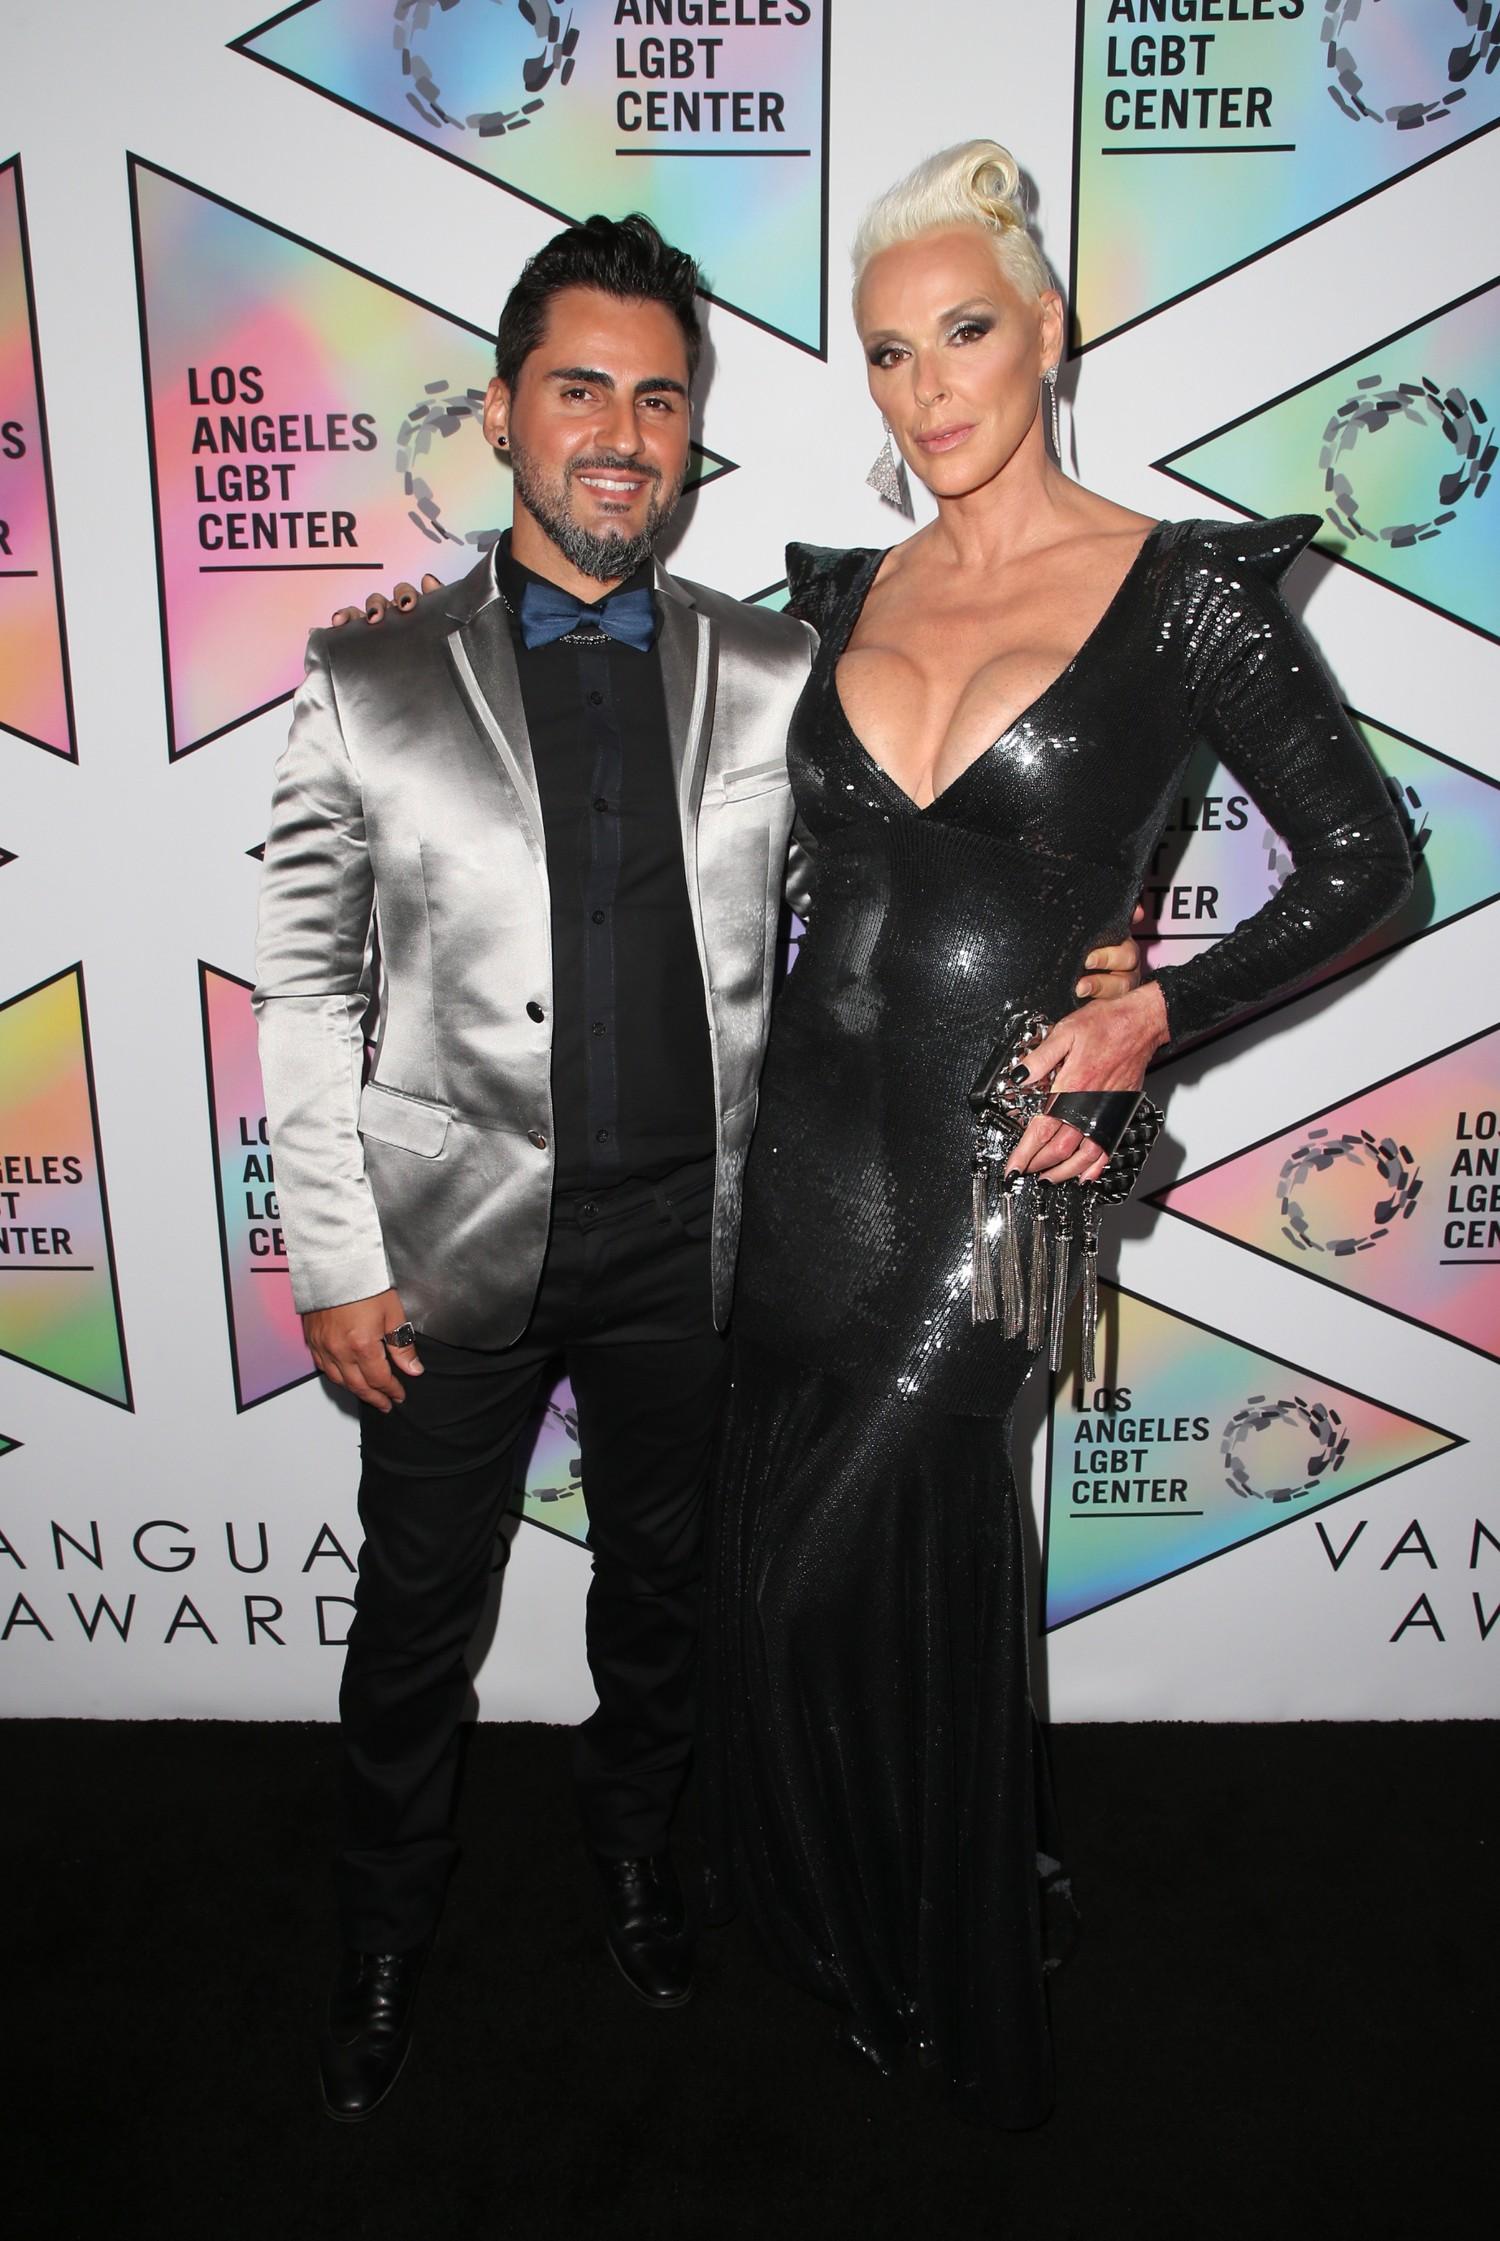 Бригитта Нильсен с мужем. Фото: GLOBAL LOOK press/Faye Sadou